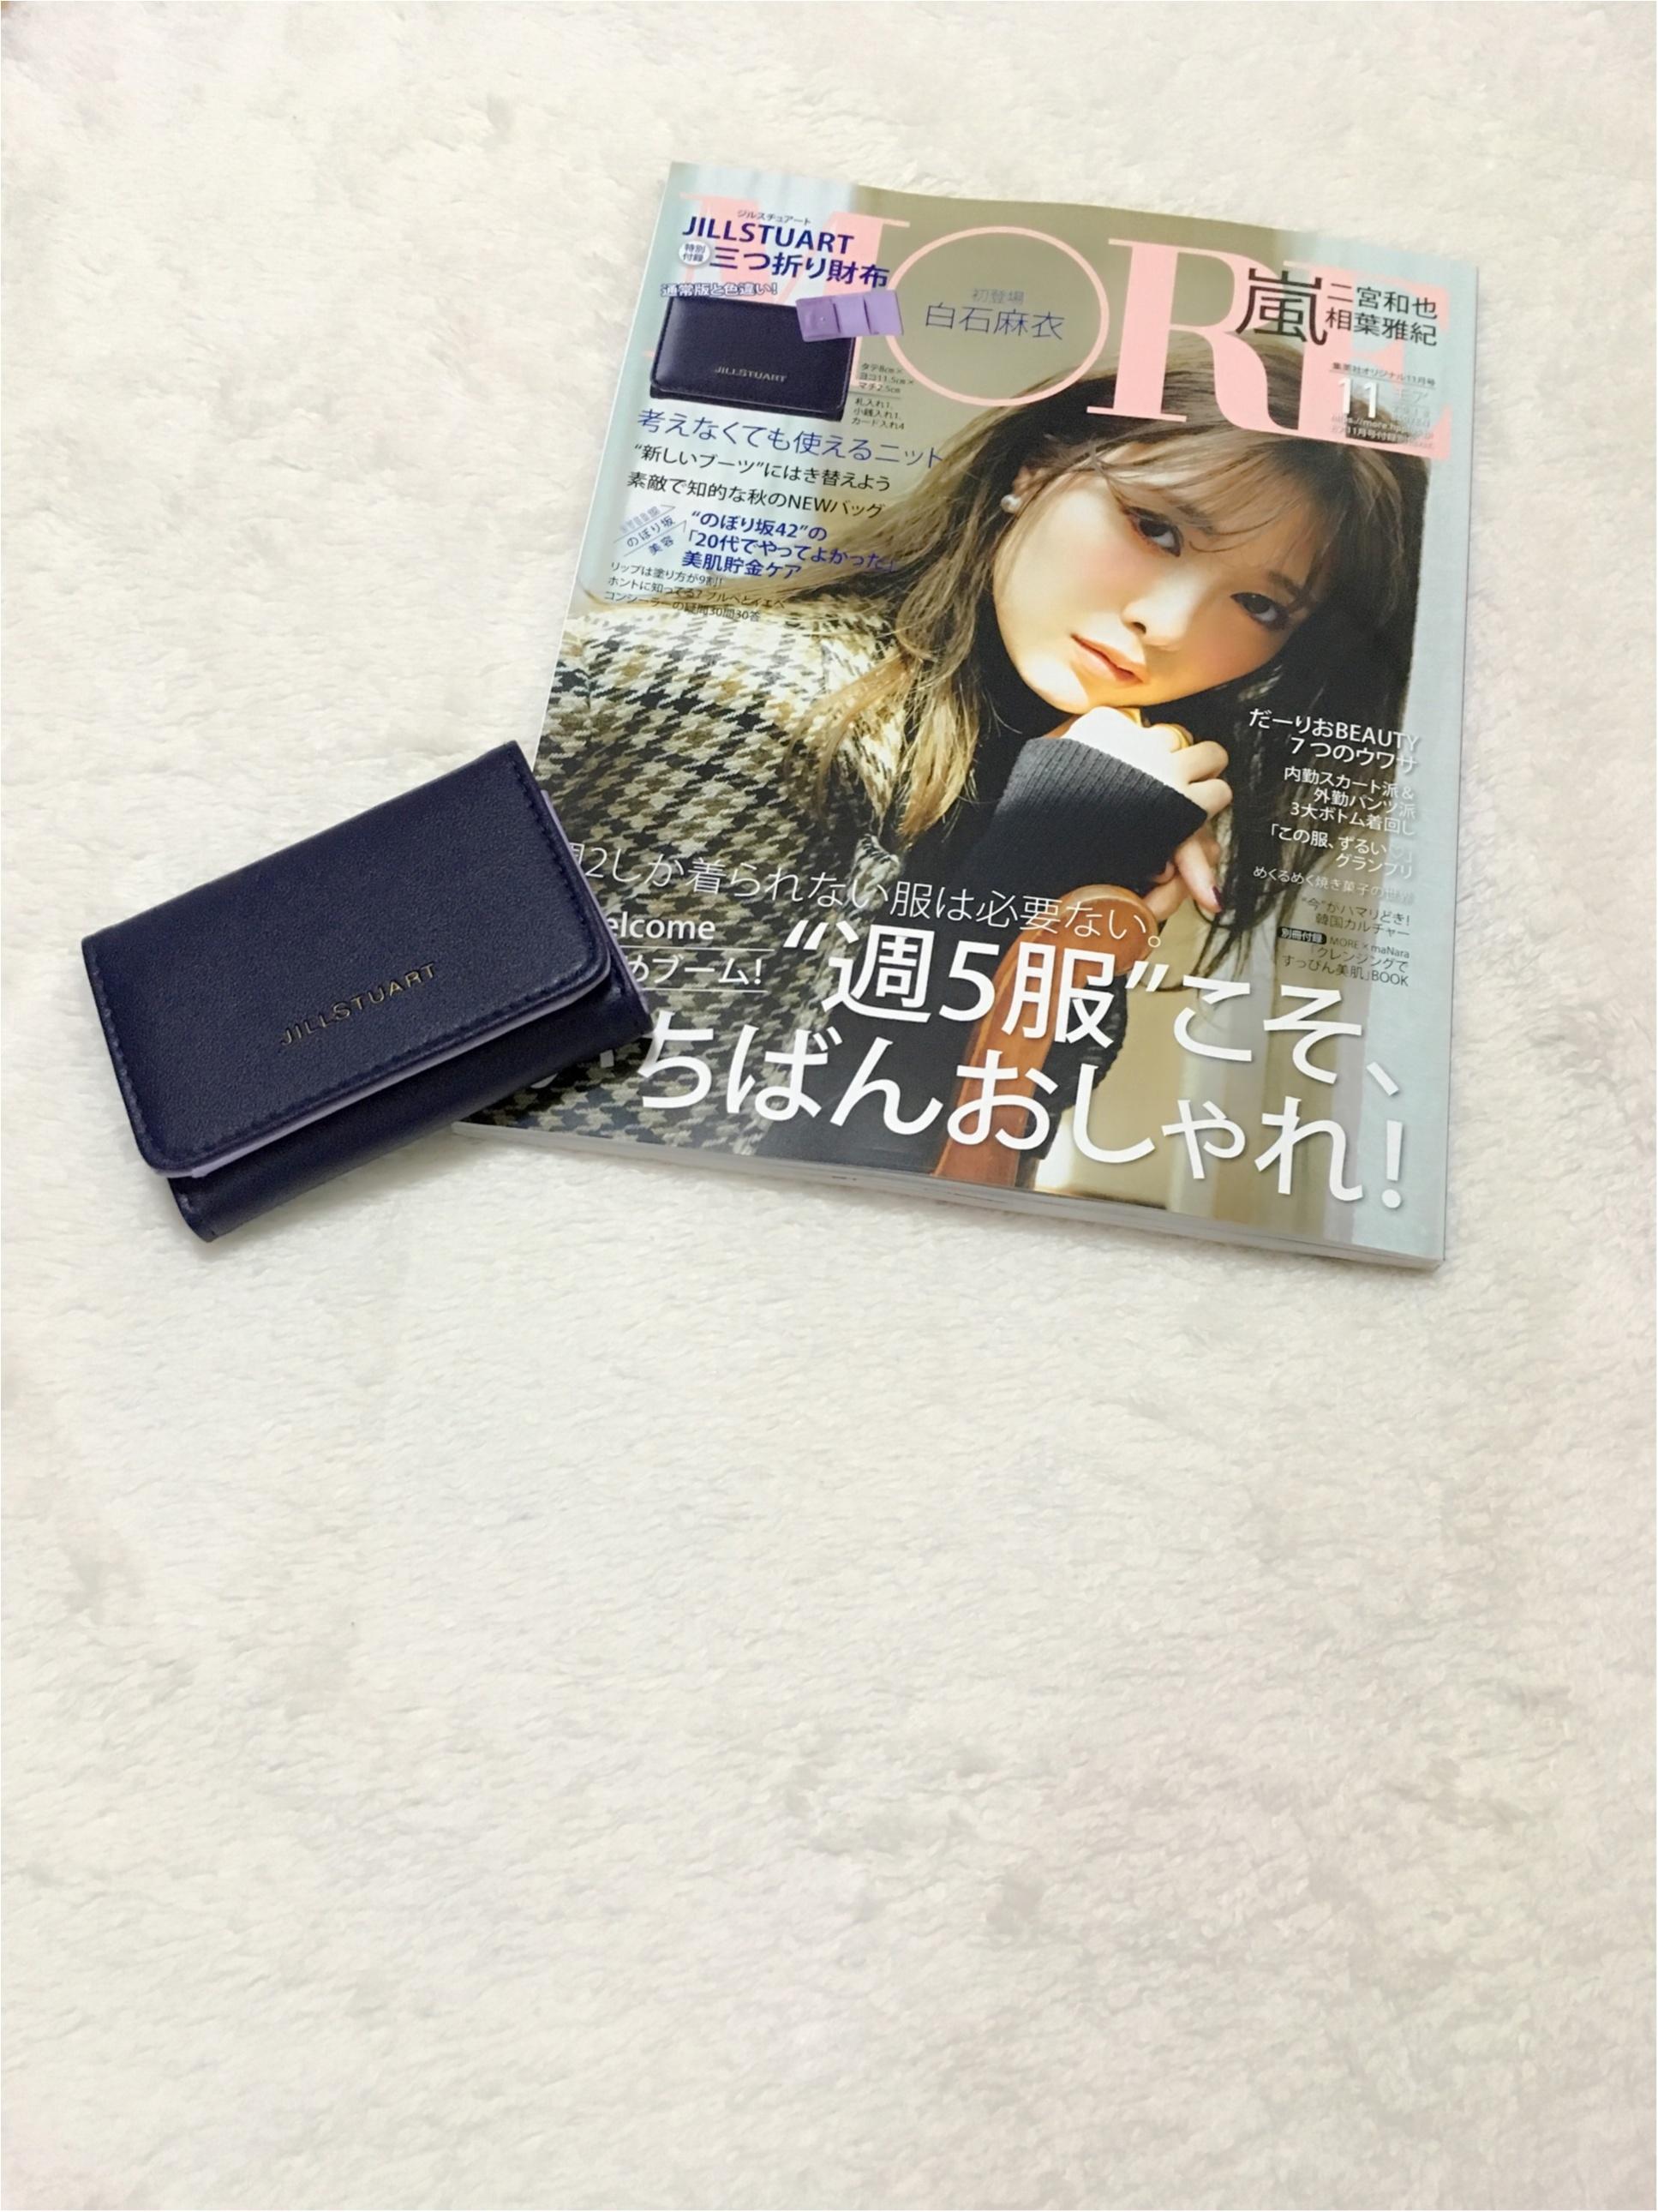 本日発売【MORE11月号】付録は可愛いJILLSTUARTのミニウォレット♡_1